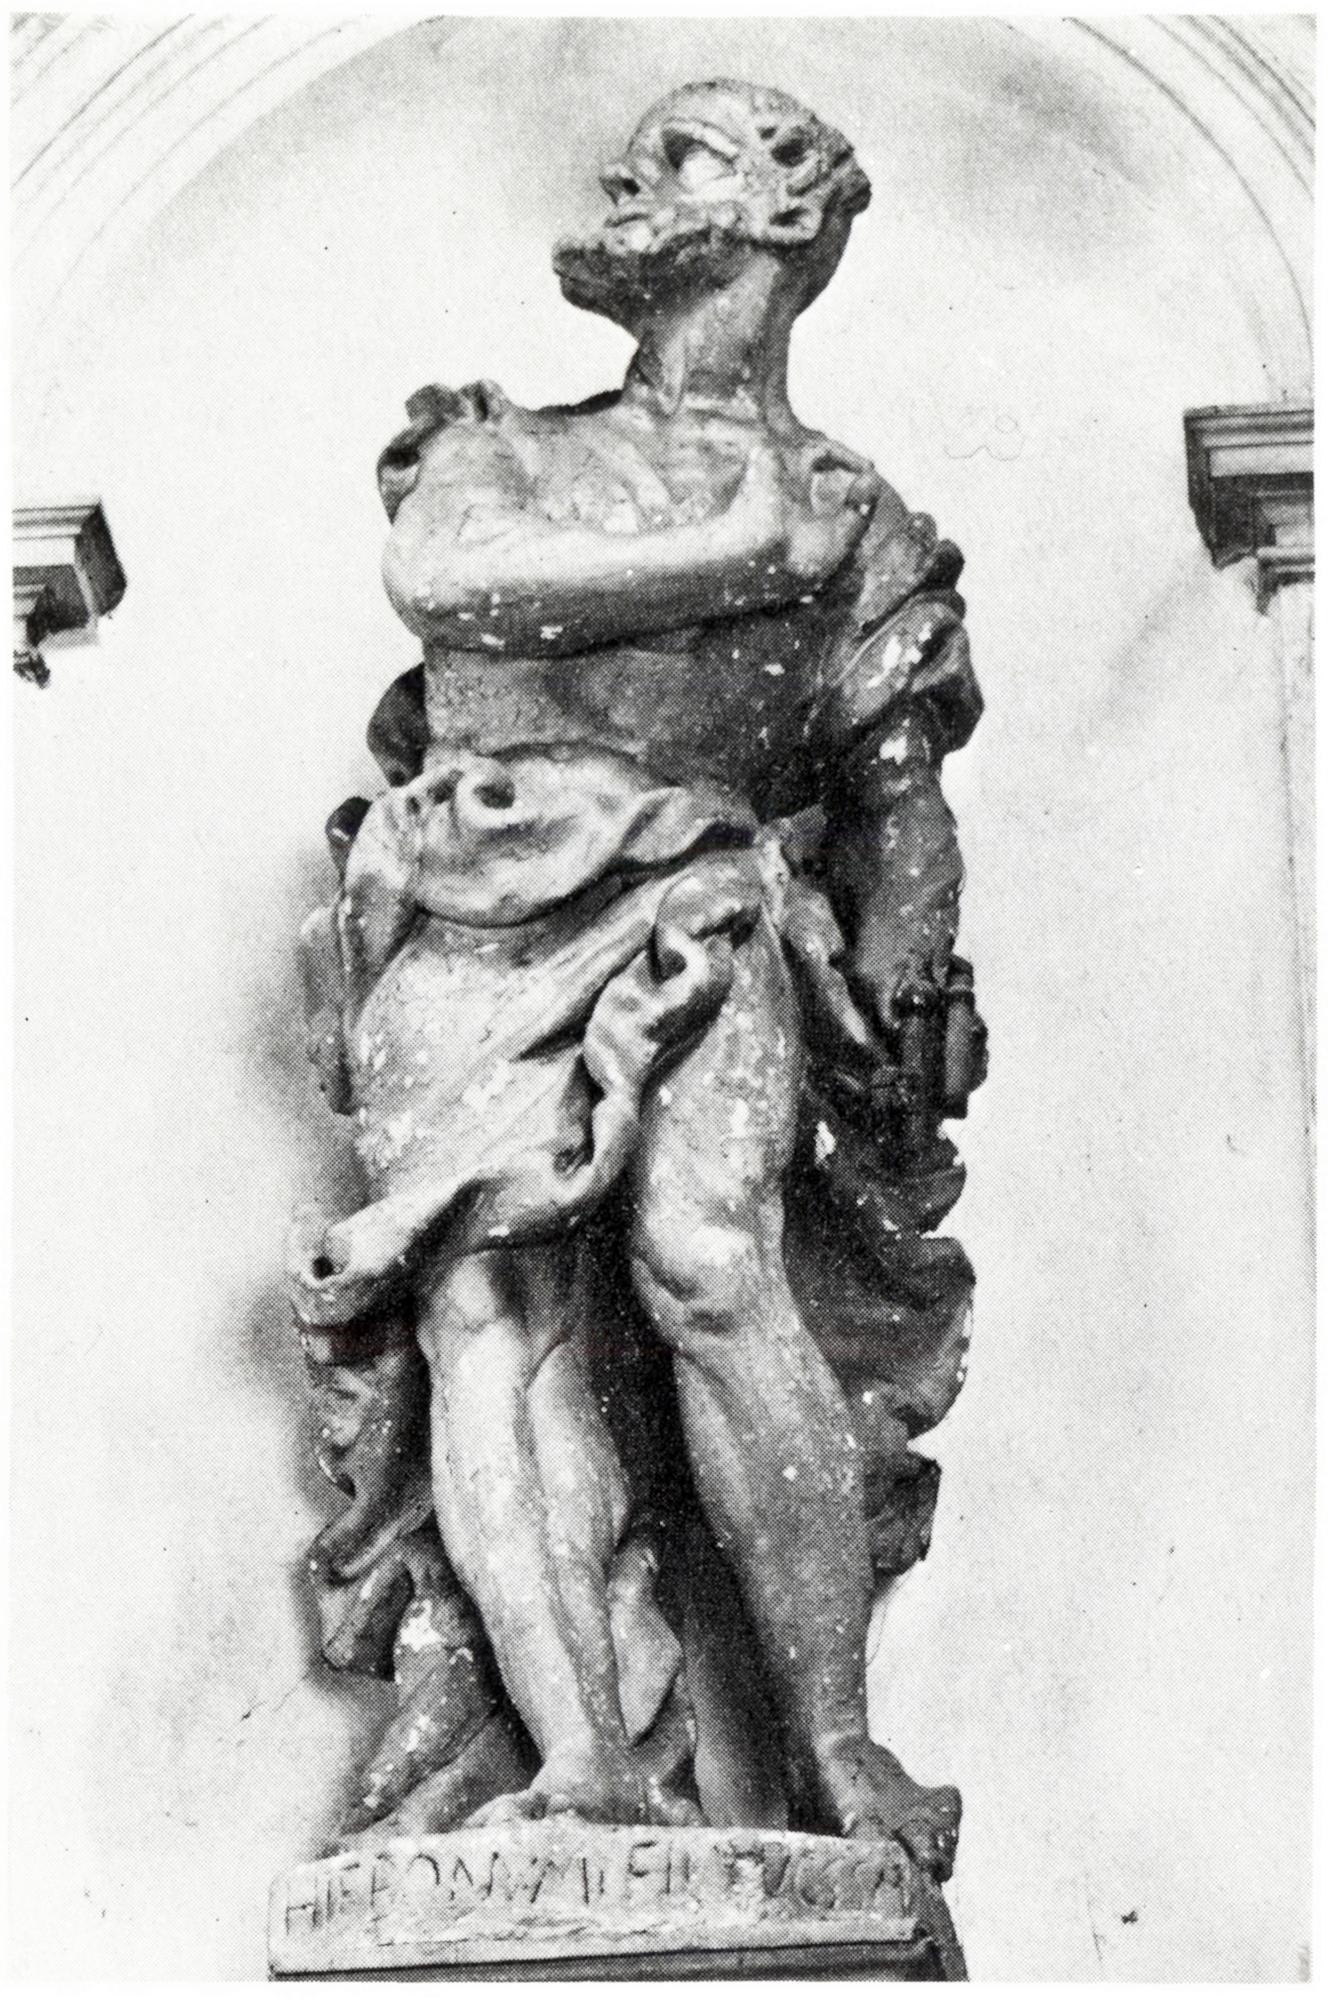 Ambito di Michele Fabris, S. Pietro, vecchia chiesa di San Giacomo, Battaglia Terme.